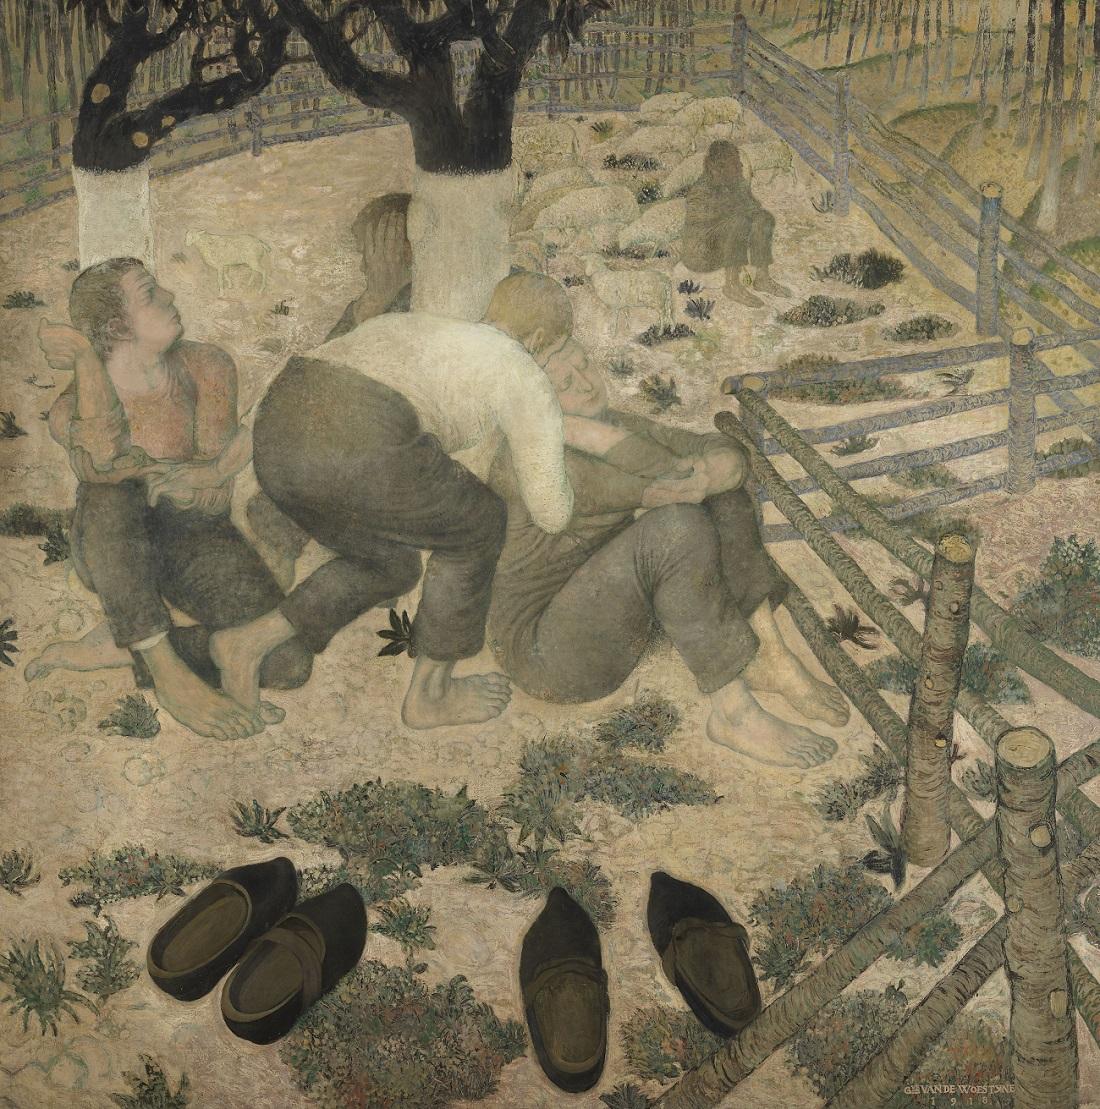 De_slapers,_Gustave_Van_de_Woestyne,_1918,_Koninklijk_Museum_voor_Schone_Kunsten_Antwerpen.jpg